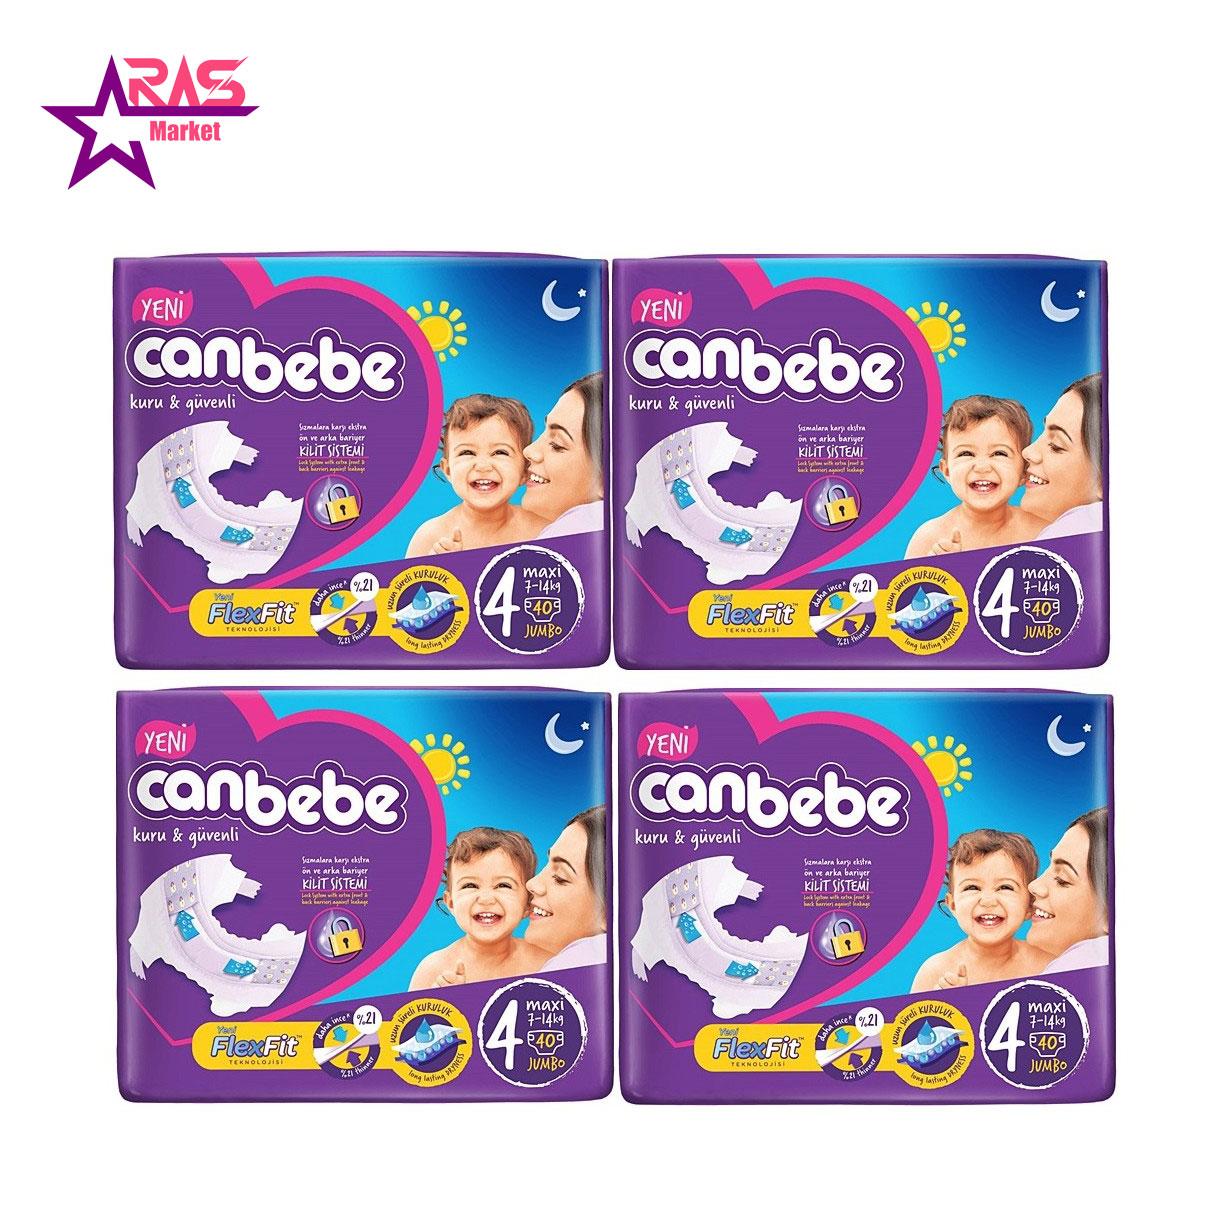 پوشک بچه جان به به سایز 4 بسته 40 عددی ، فروشگاه اینترنتی ارس مارکت ، محصولات کودک ، پوشک canbebe